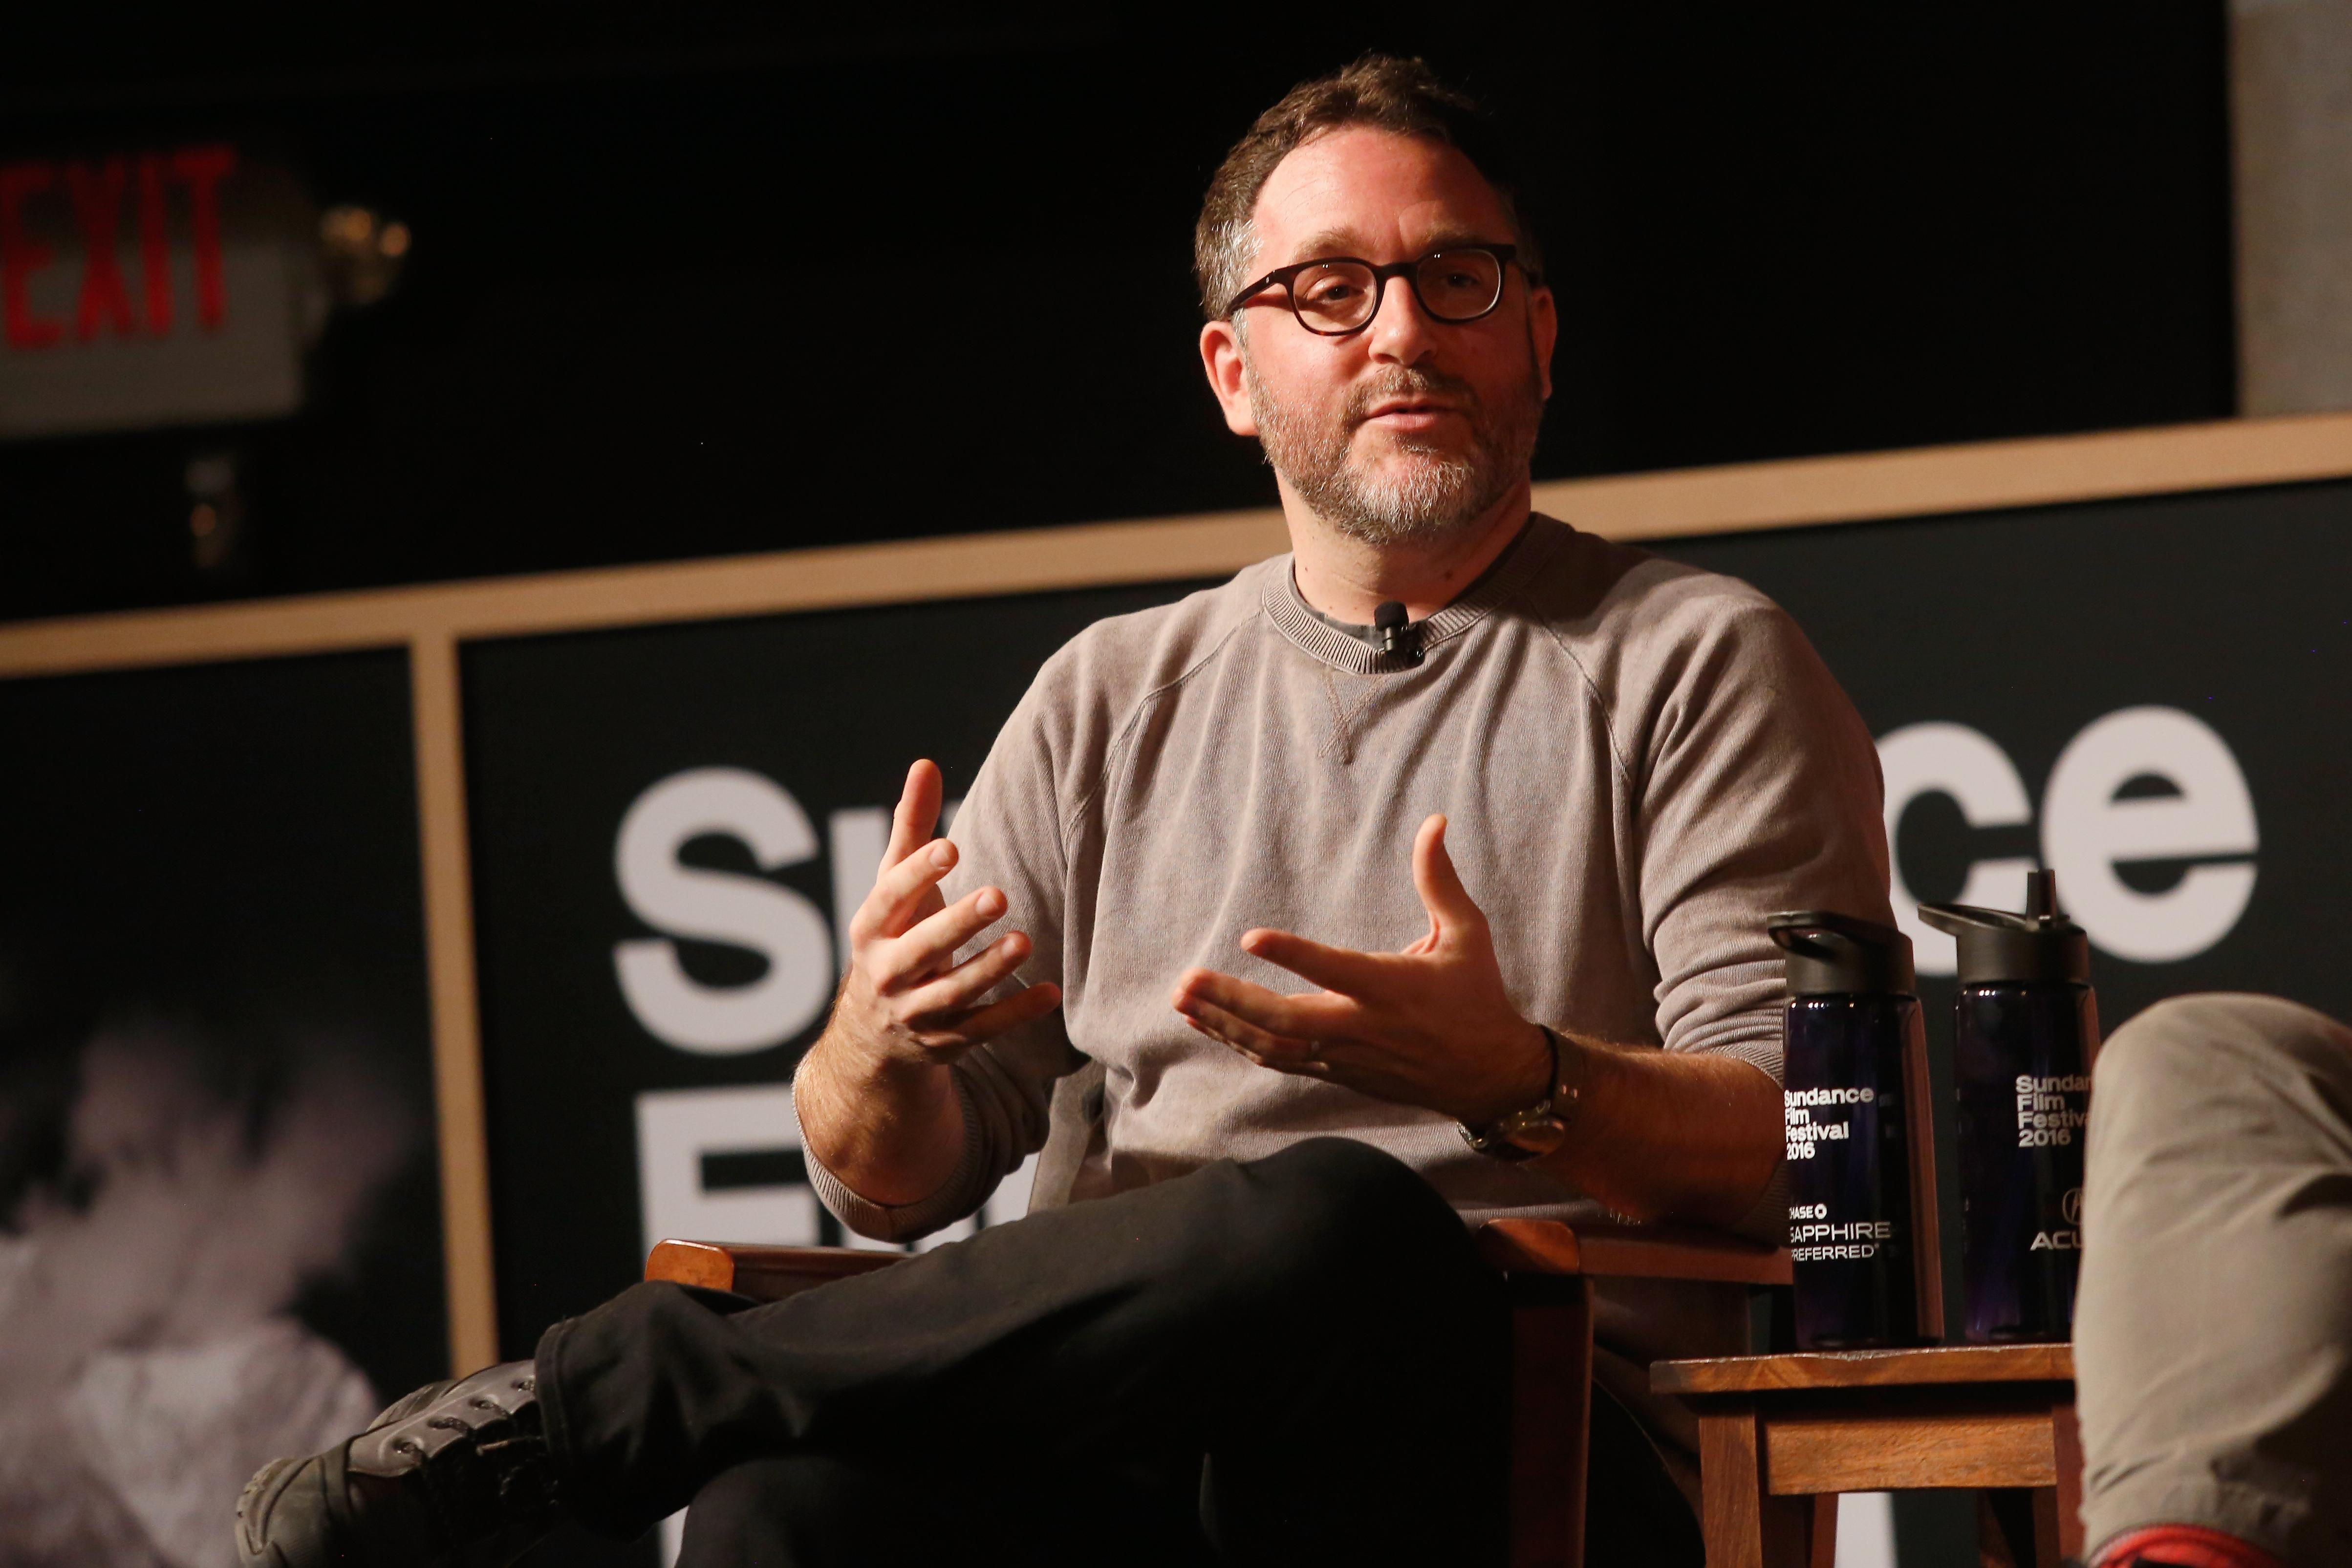 Colin Trevorrow speaks at the Sundance Film Festival on Jan. 28, 2016 in Park City, Utah.